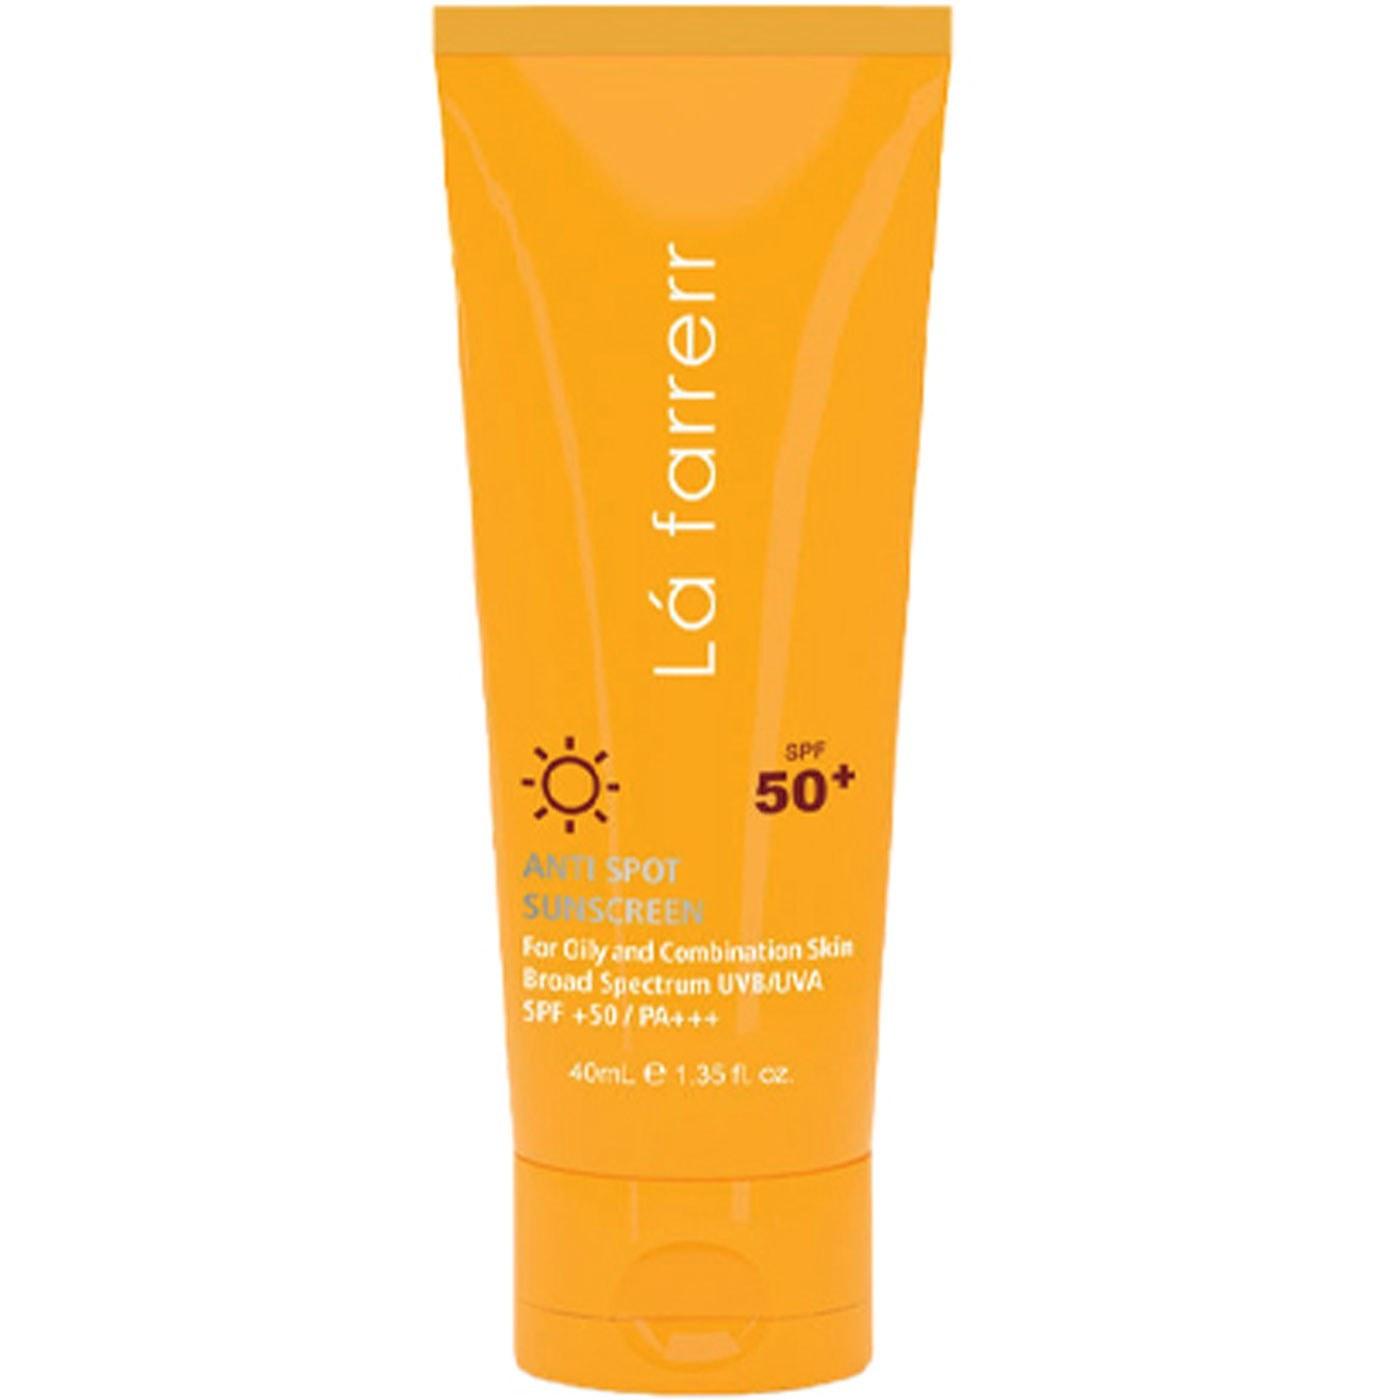 تصویر کرم ضد آفتاب و ضد لک بی رنگ لافارر spf50 مناسب پوست چرب و مستعد آکنه 40ml